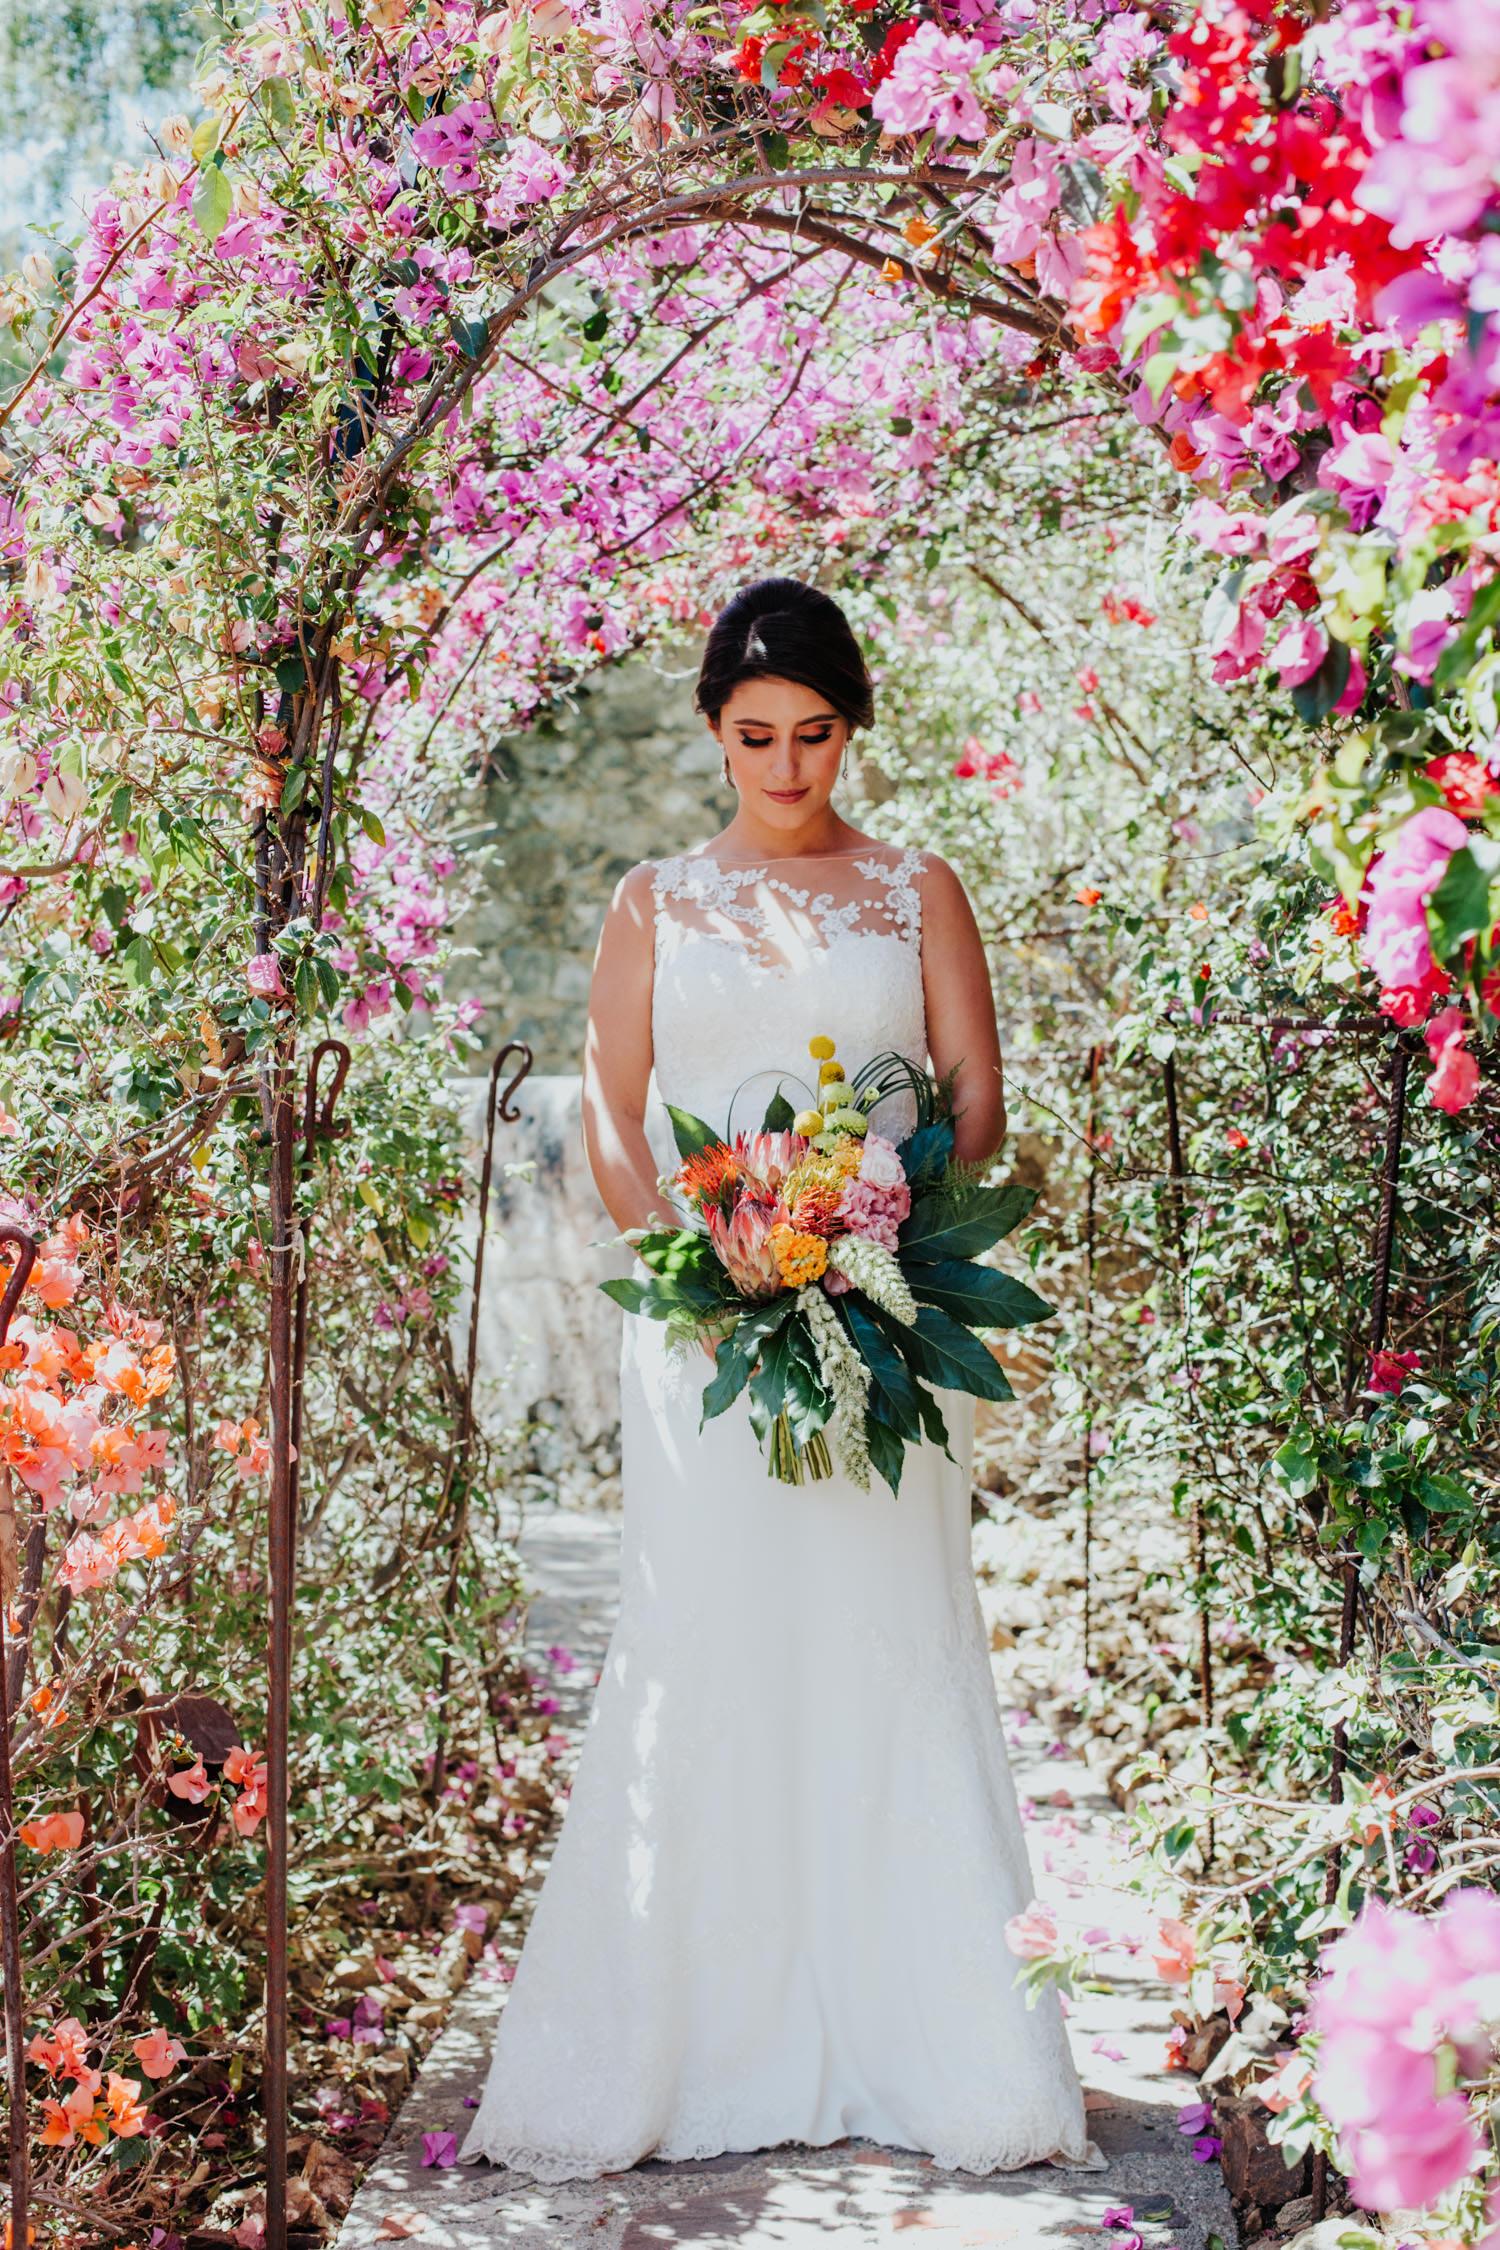 Boda-Guanajuato-Camino-de-Vinos-San-Miguel-Allende-Wedding-Fotografia-Paulina-Mauricio-Pierce0040.JPG